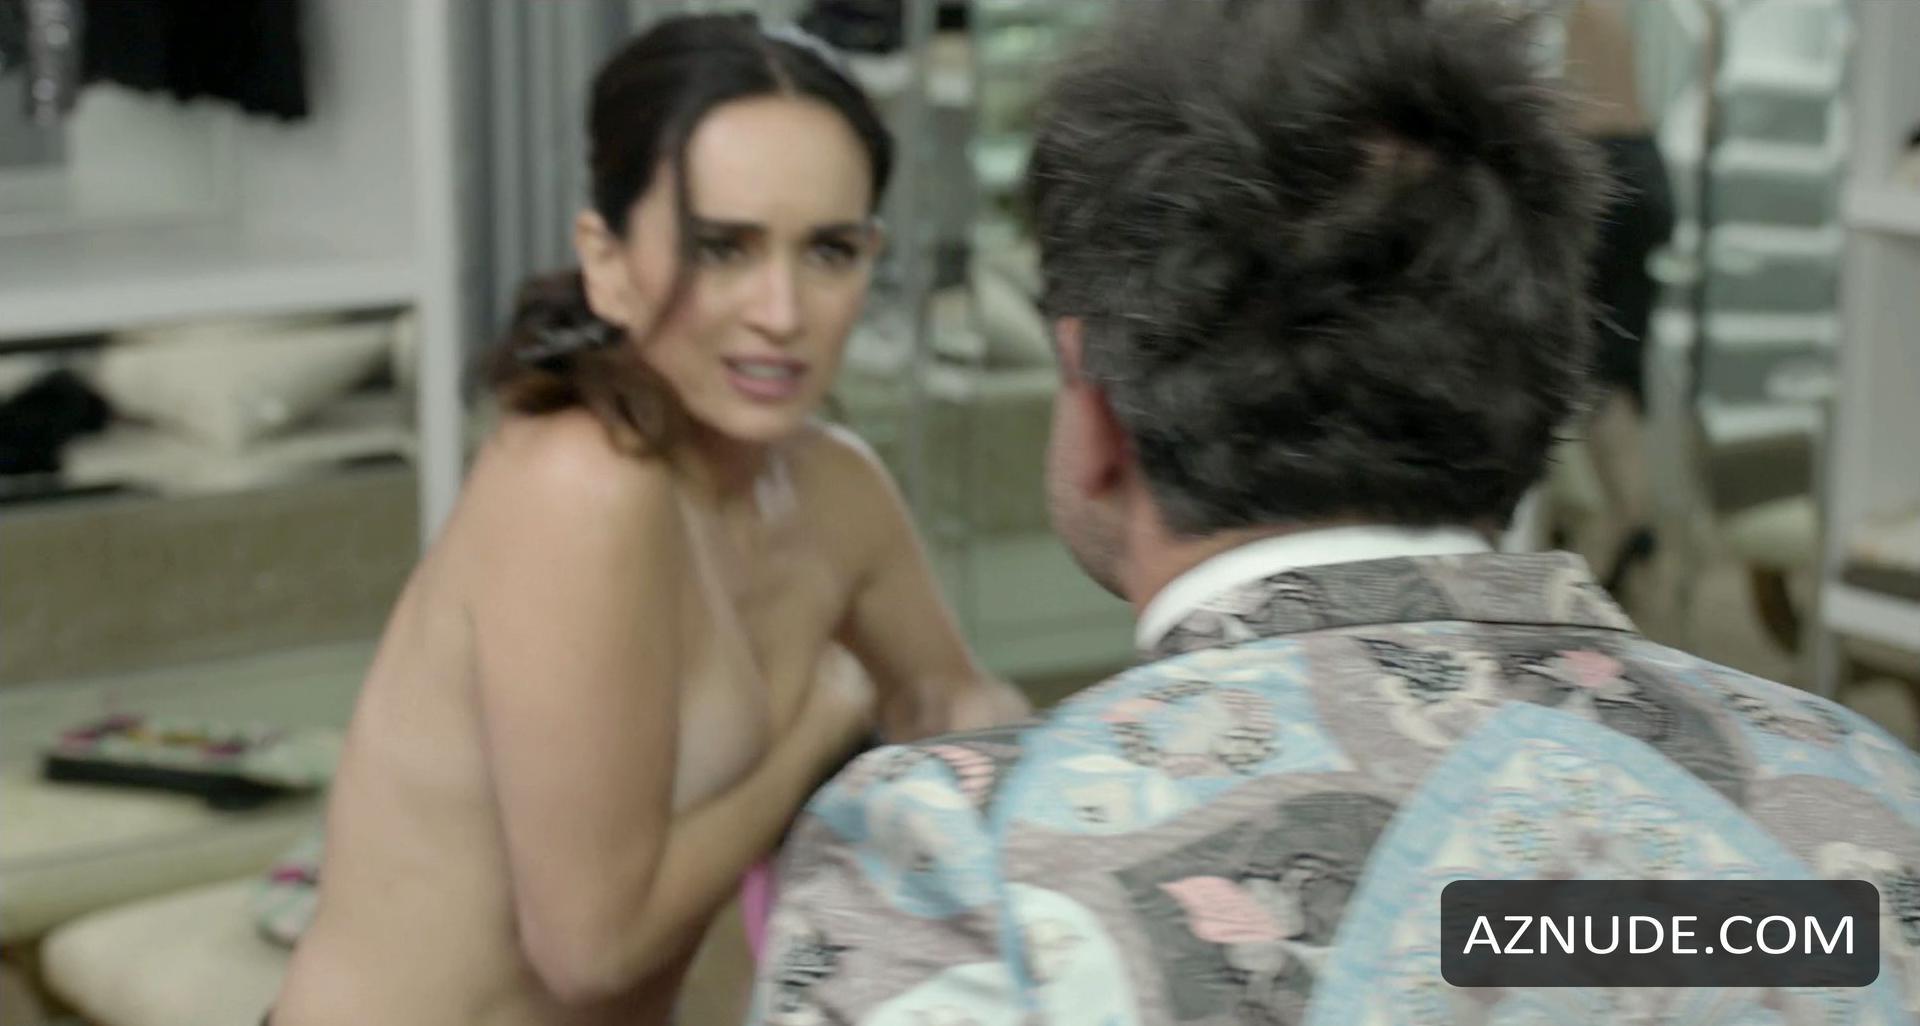 ana de la nude